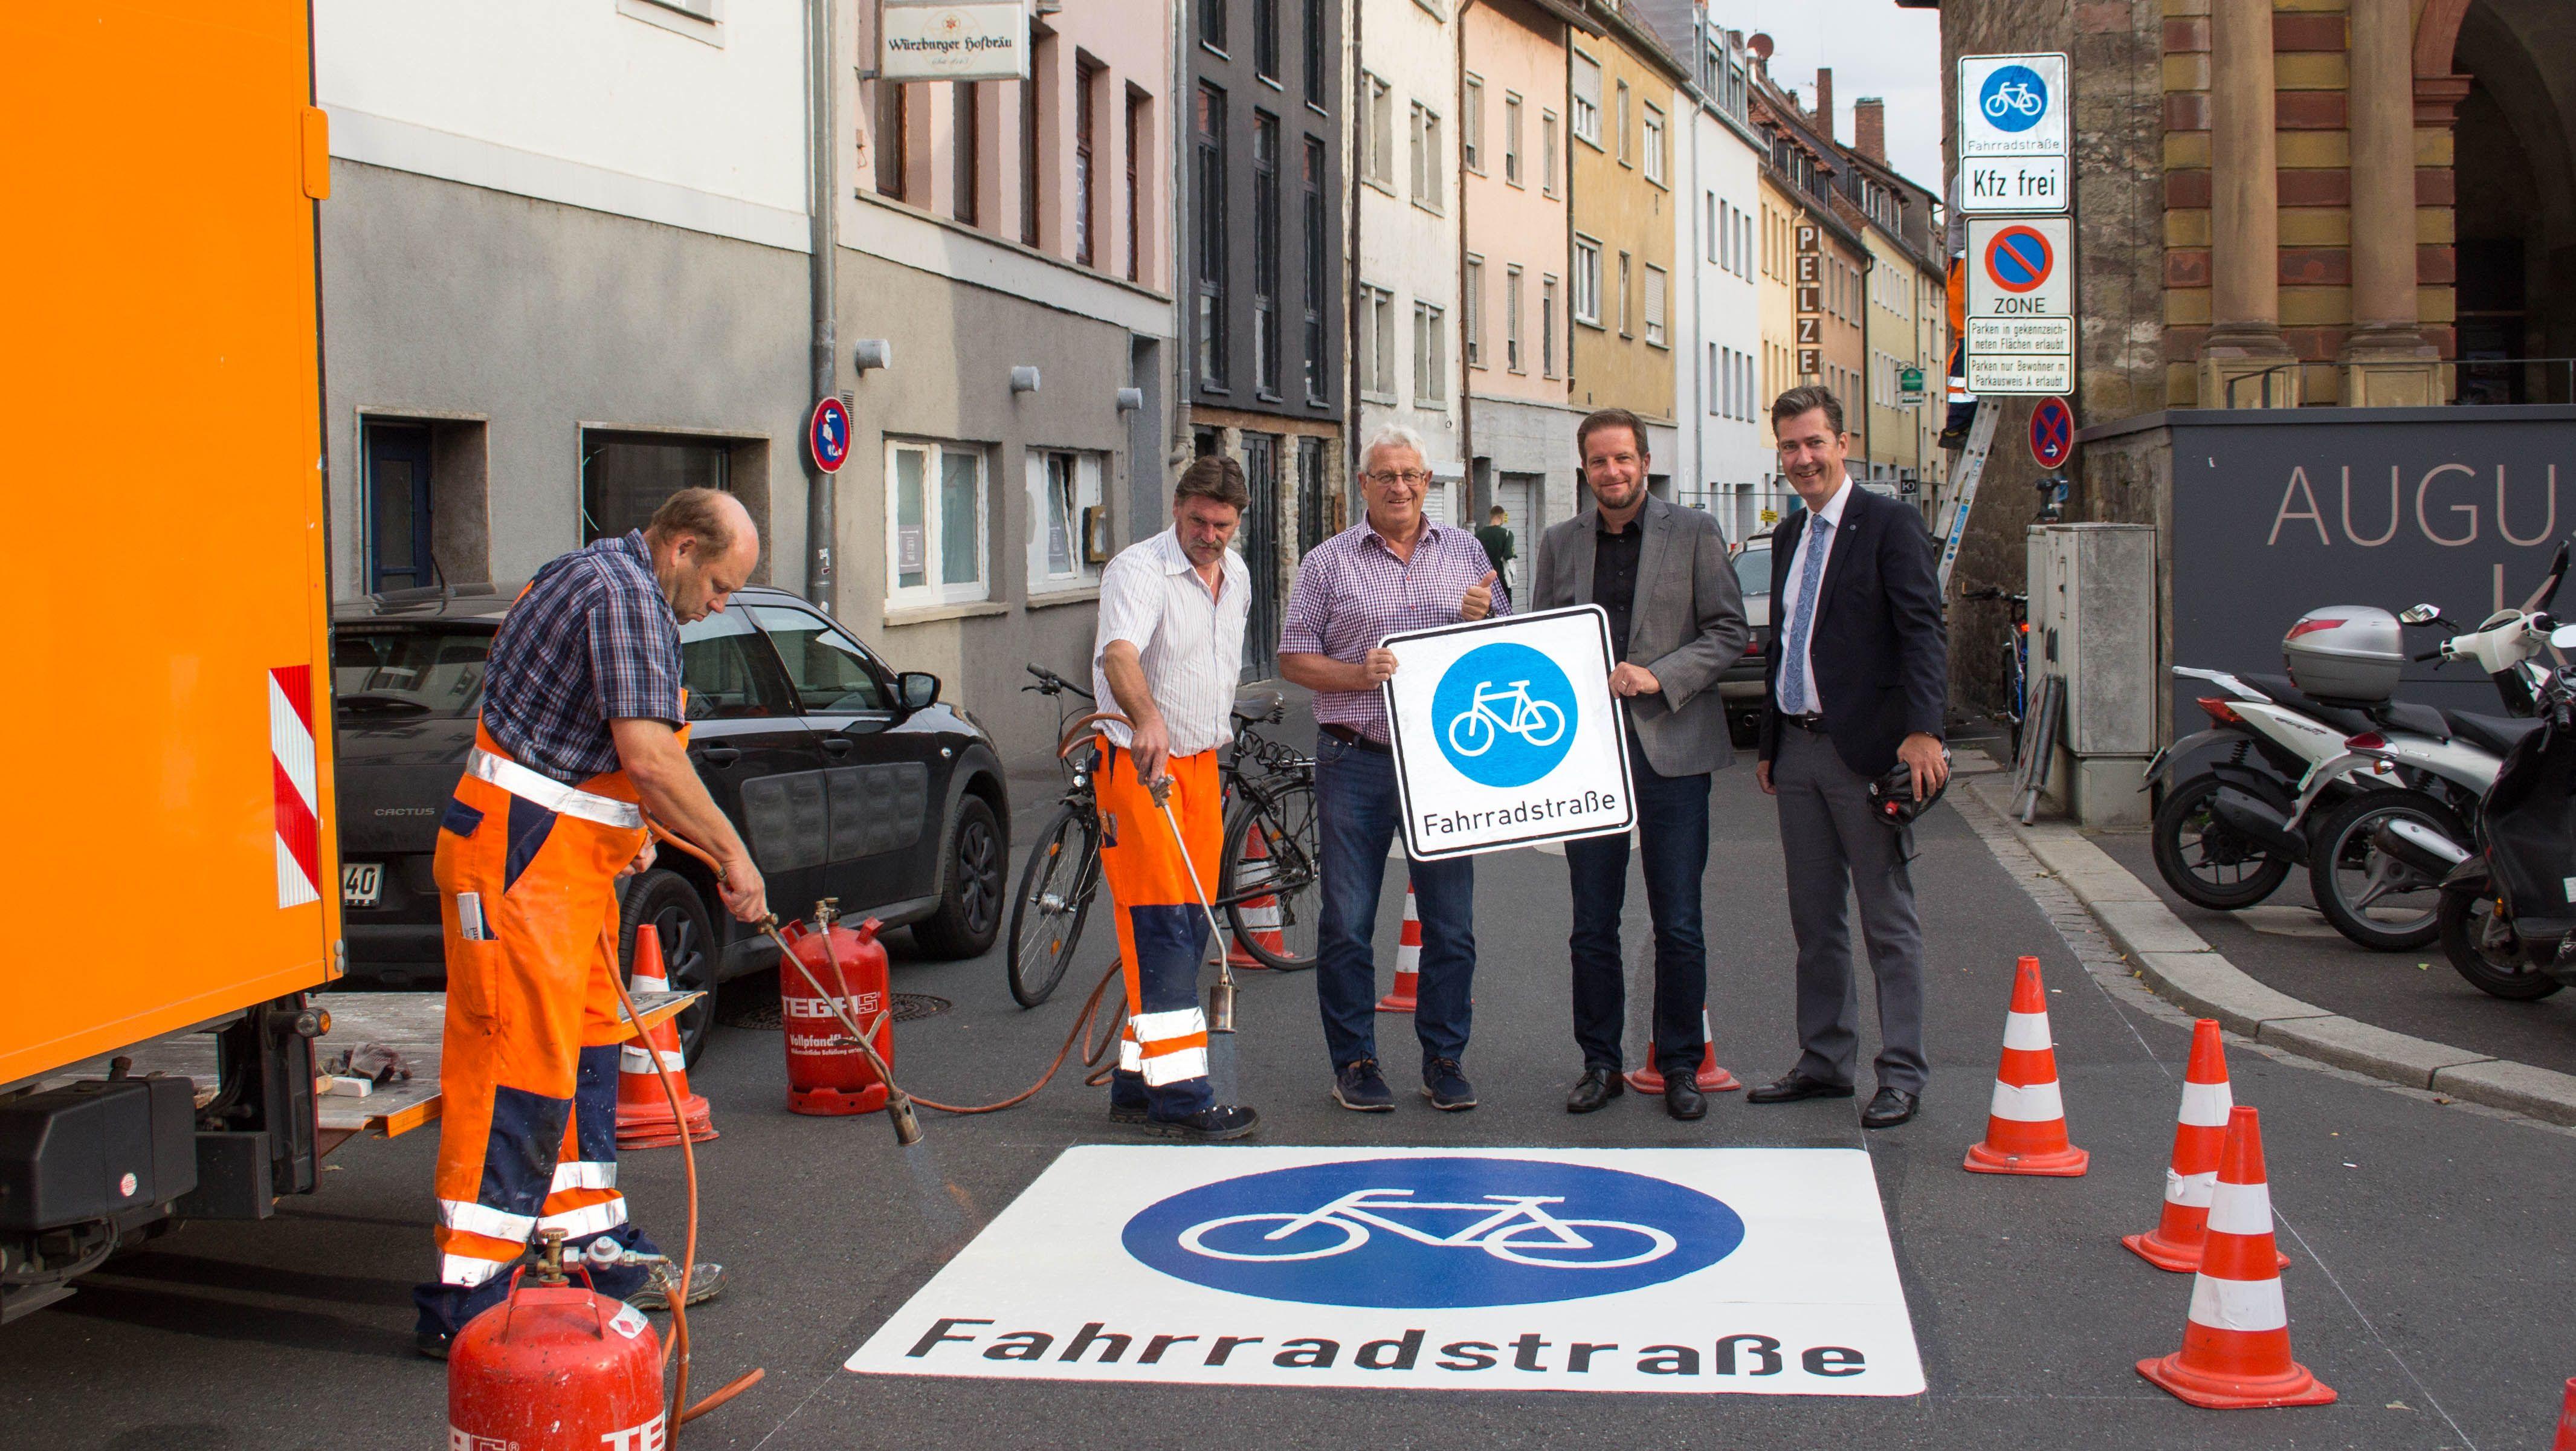 v.l.n.r.: Oberbürgermeister Christian Schuchardt, Baureferent Benjamin Schneider, Tiefbau-Chef Jörg Roth in der neuen Fahrradstraße. Die beiden Mitarbeiter des Bauhofs bringen gerade das Piktogramm auf der Fahrbahn auf.